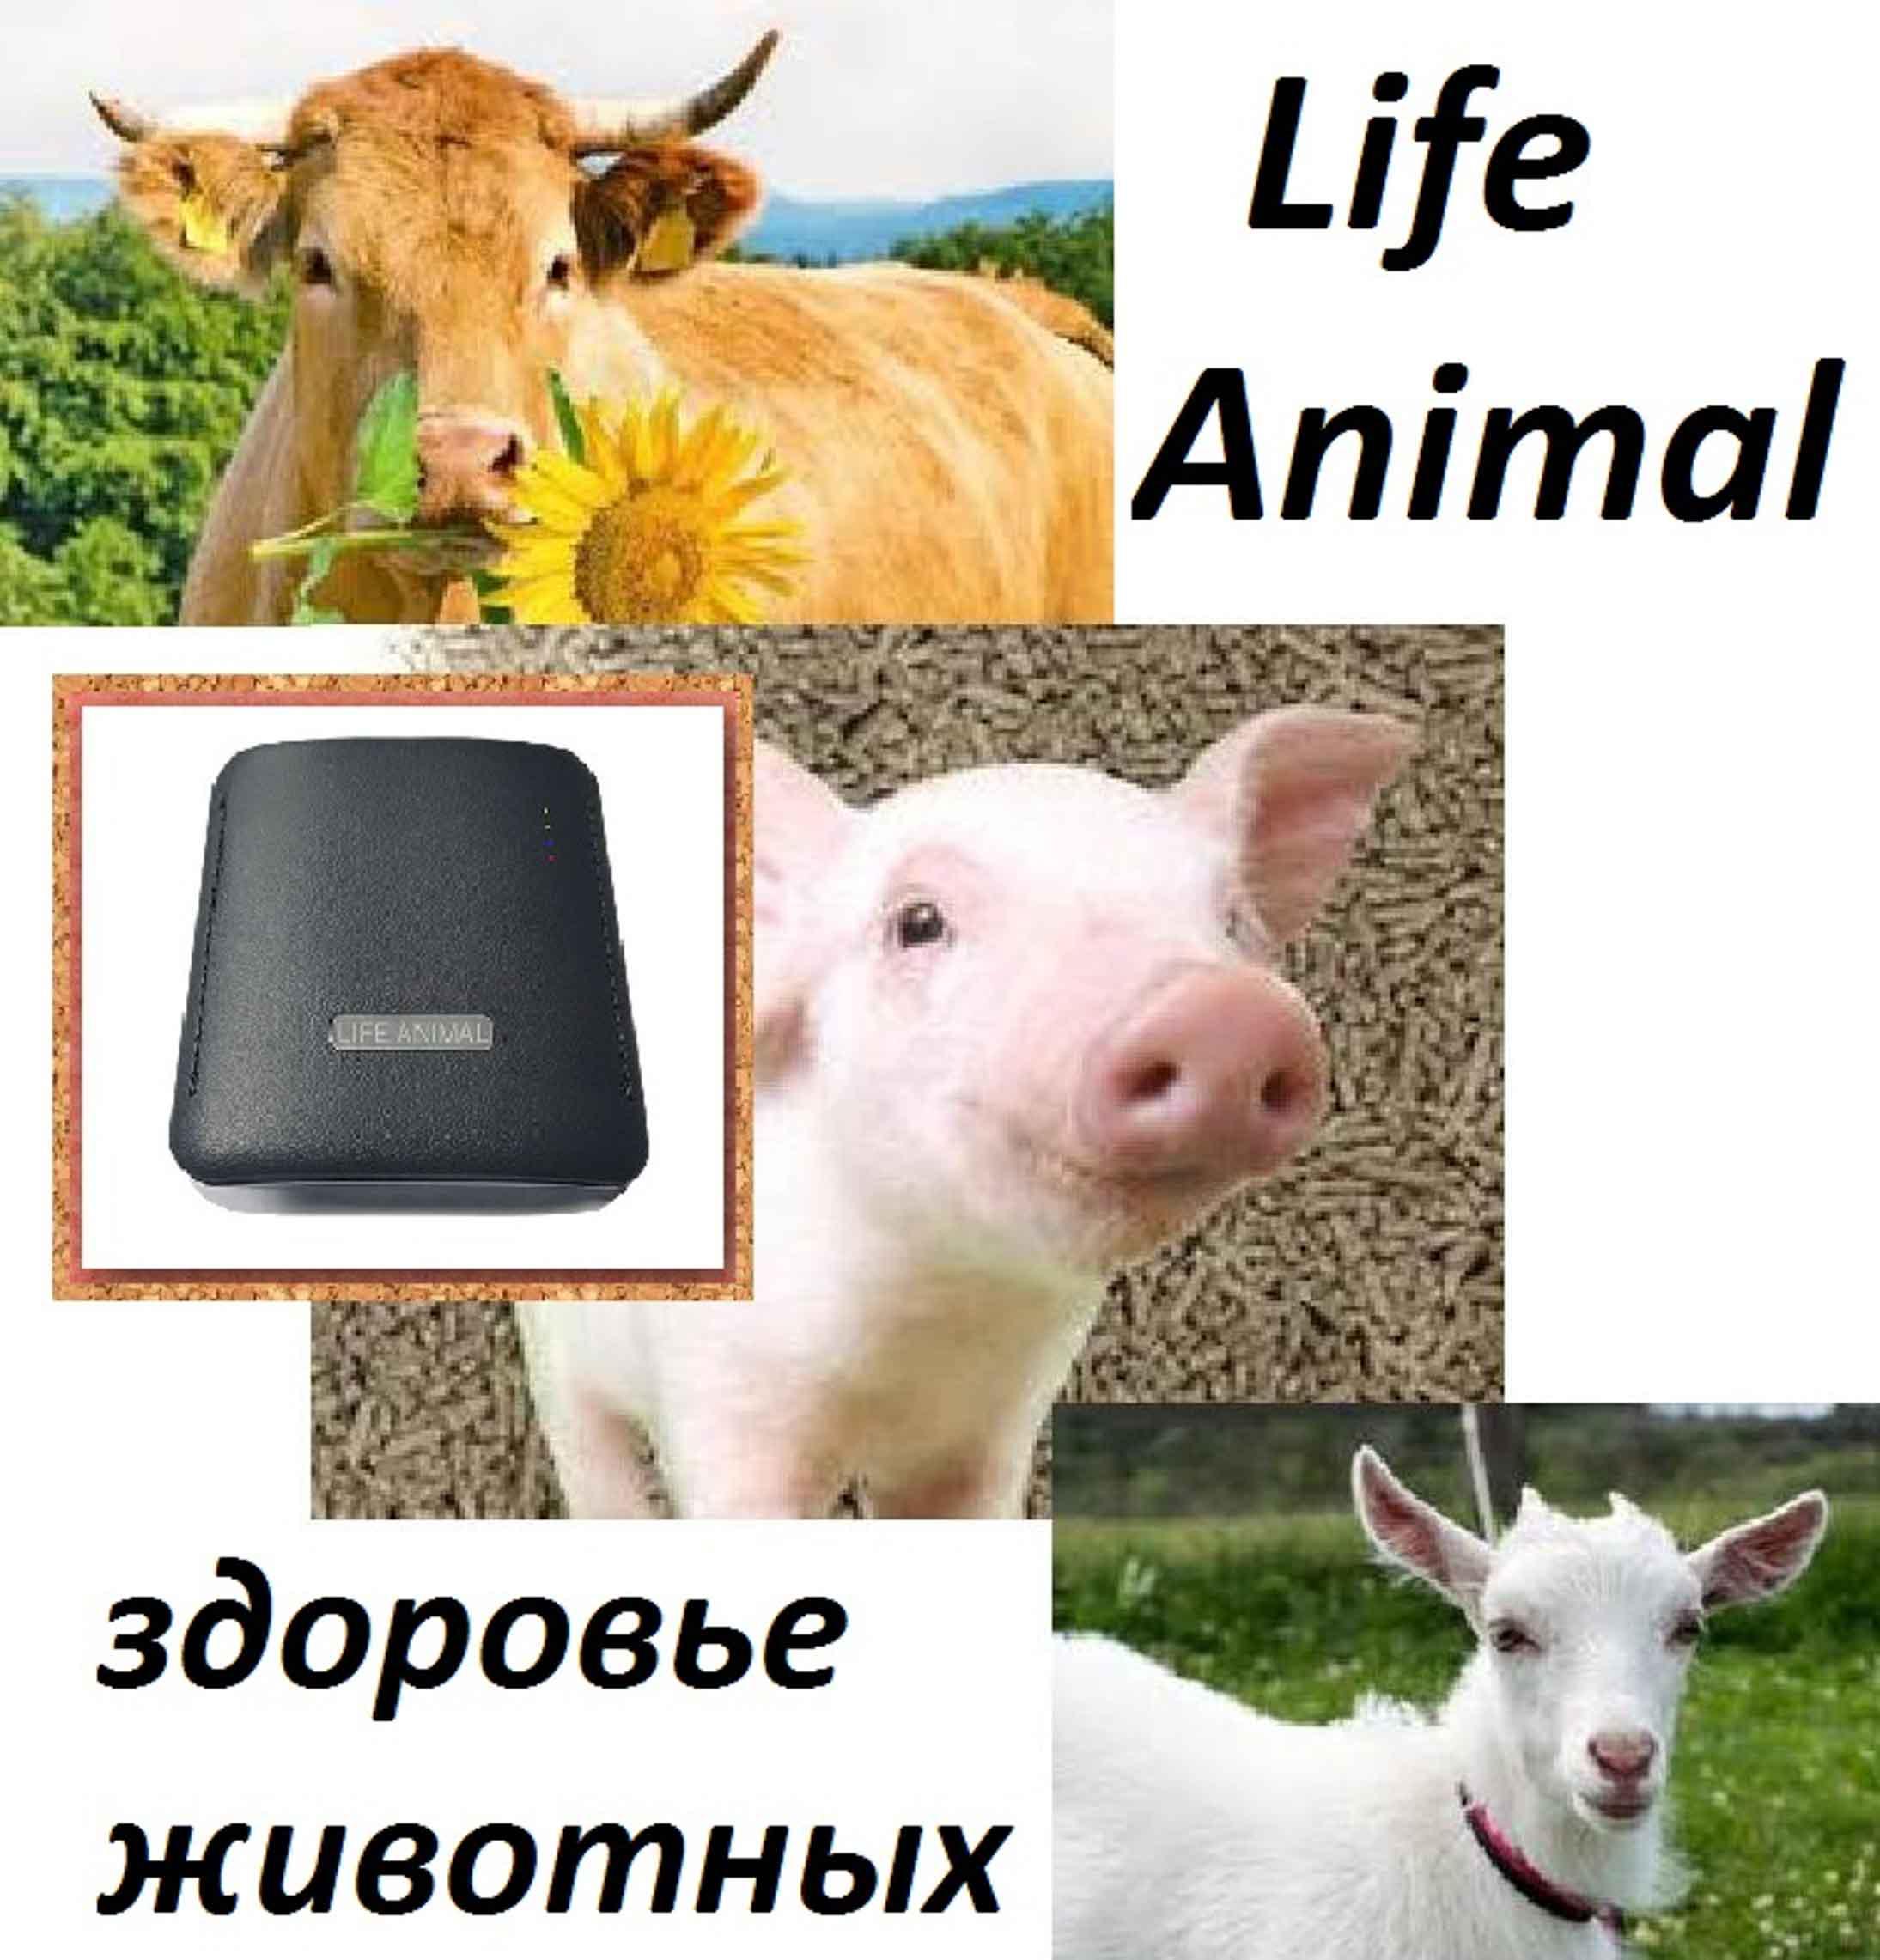 Лечение животных дома прибором Life Animal.  фото 2